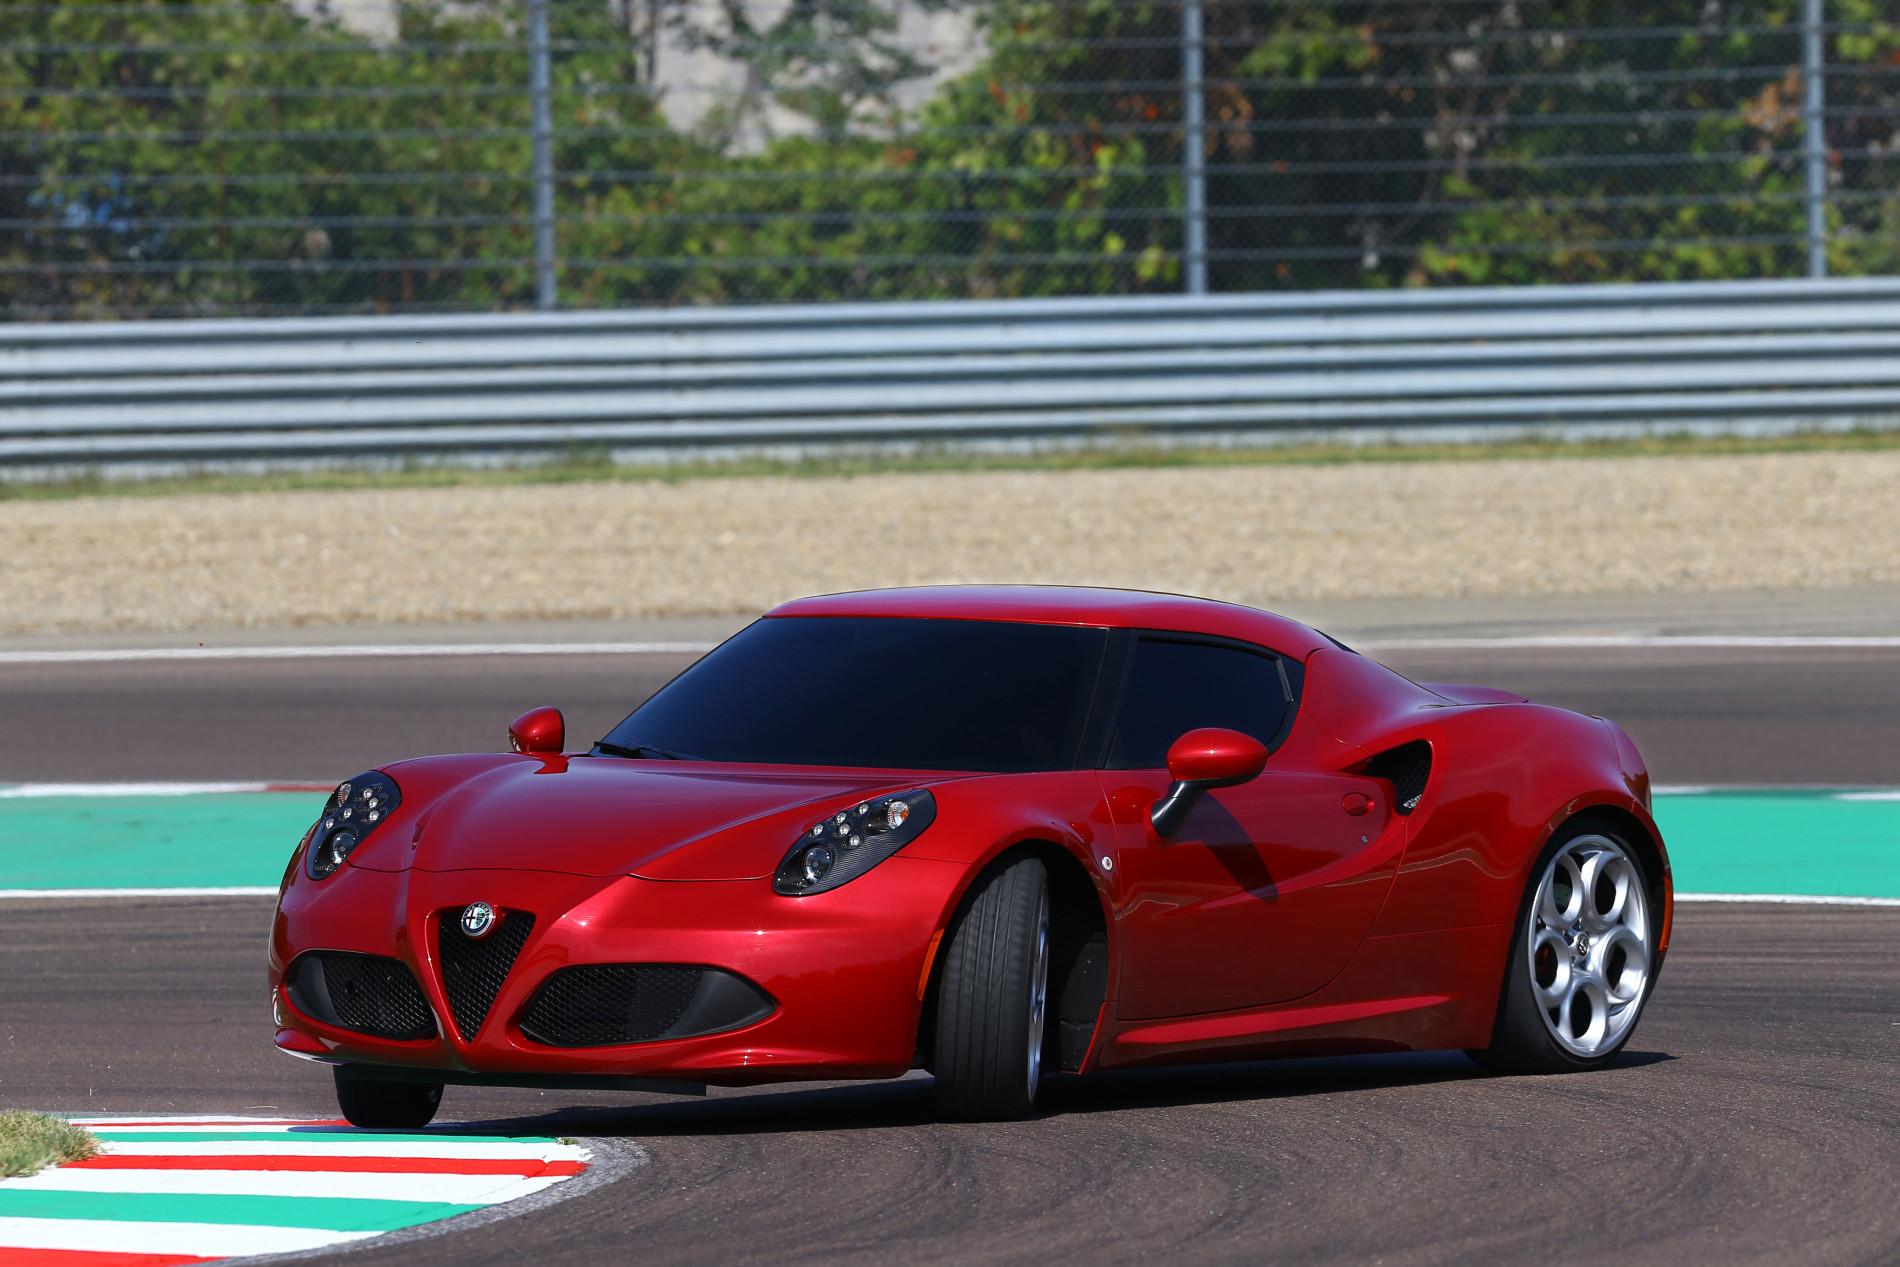 Alfa Romeo la aniversare. Cele mai tari modele din istoria de 110 ani a italienilor - Alfa Romeo la aniversare. Cele mai tari modele din istoria de 110 ani a italienilor